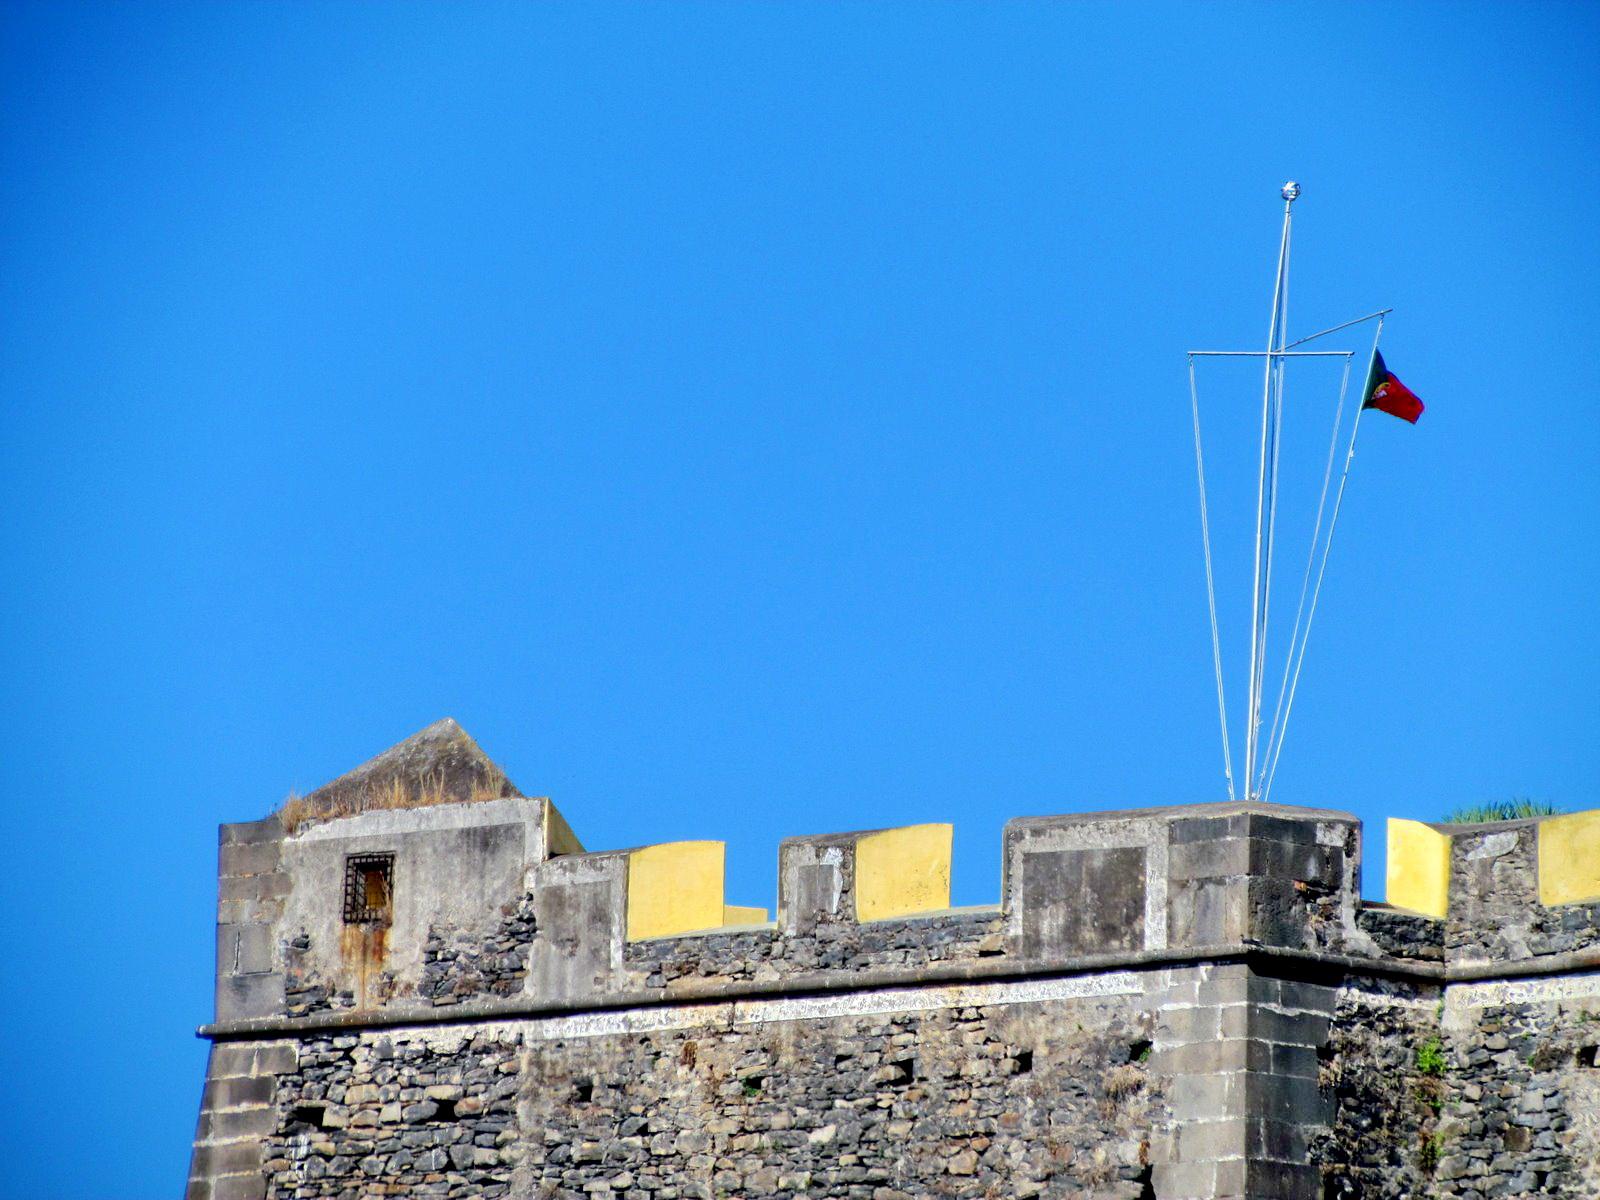 Fortaleza do Pico detail without Madeira flag